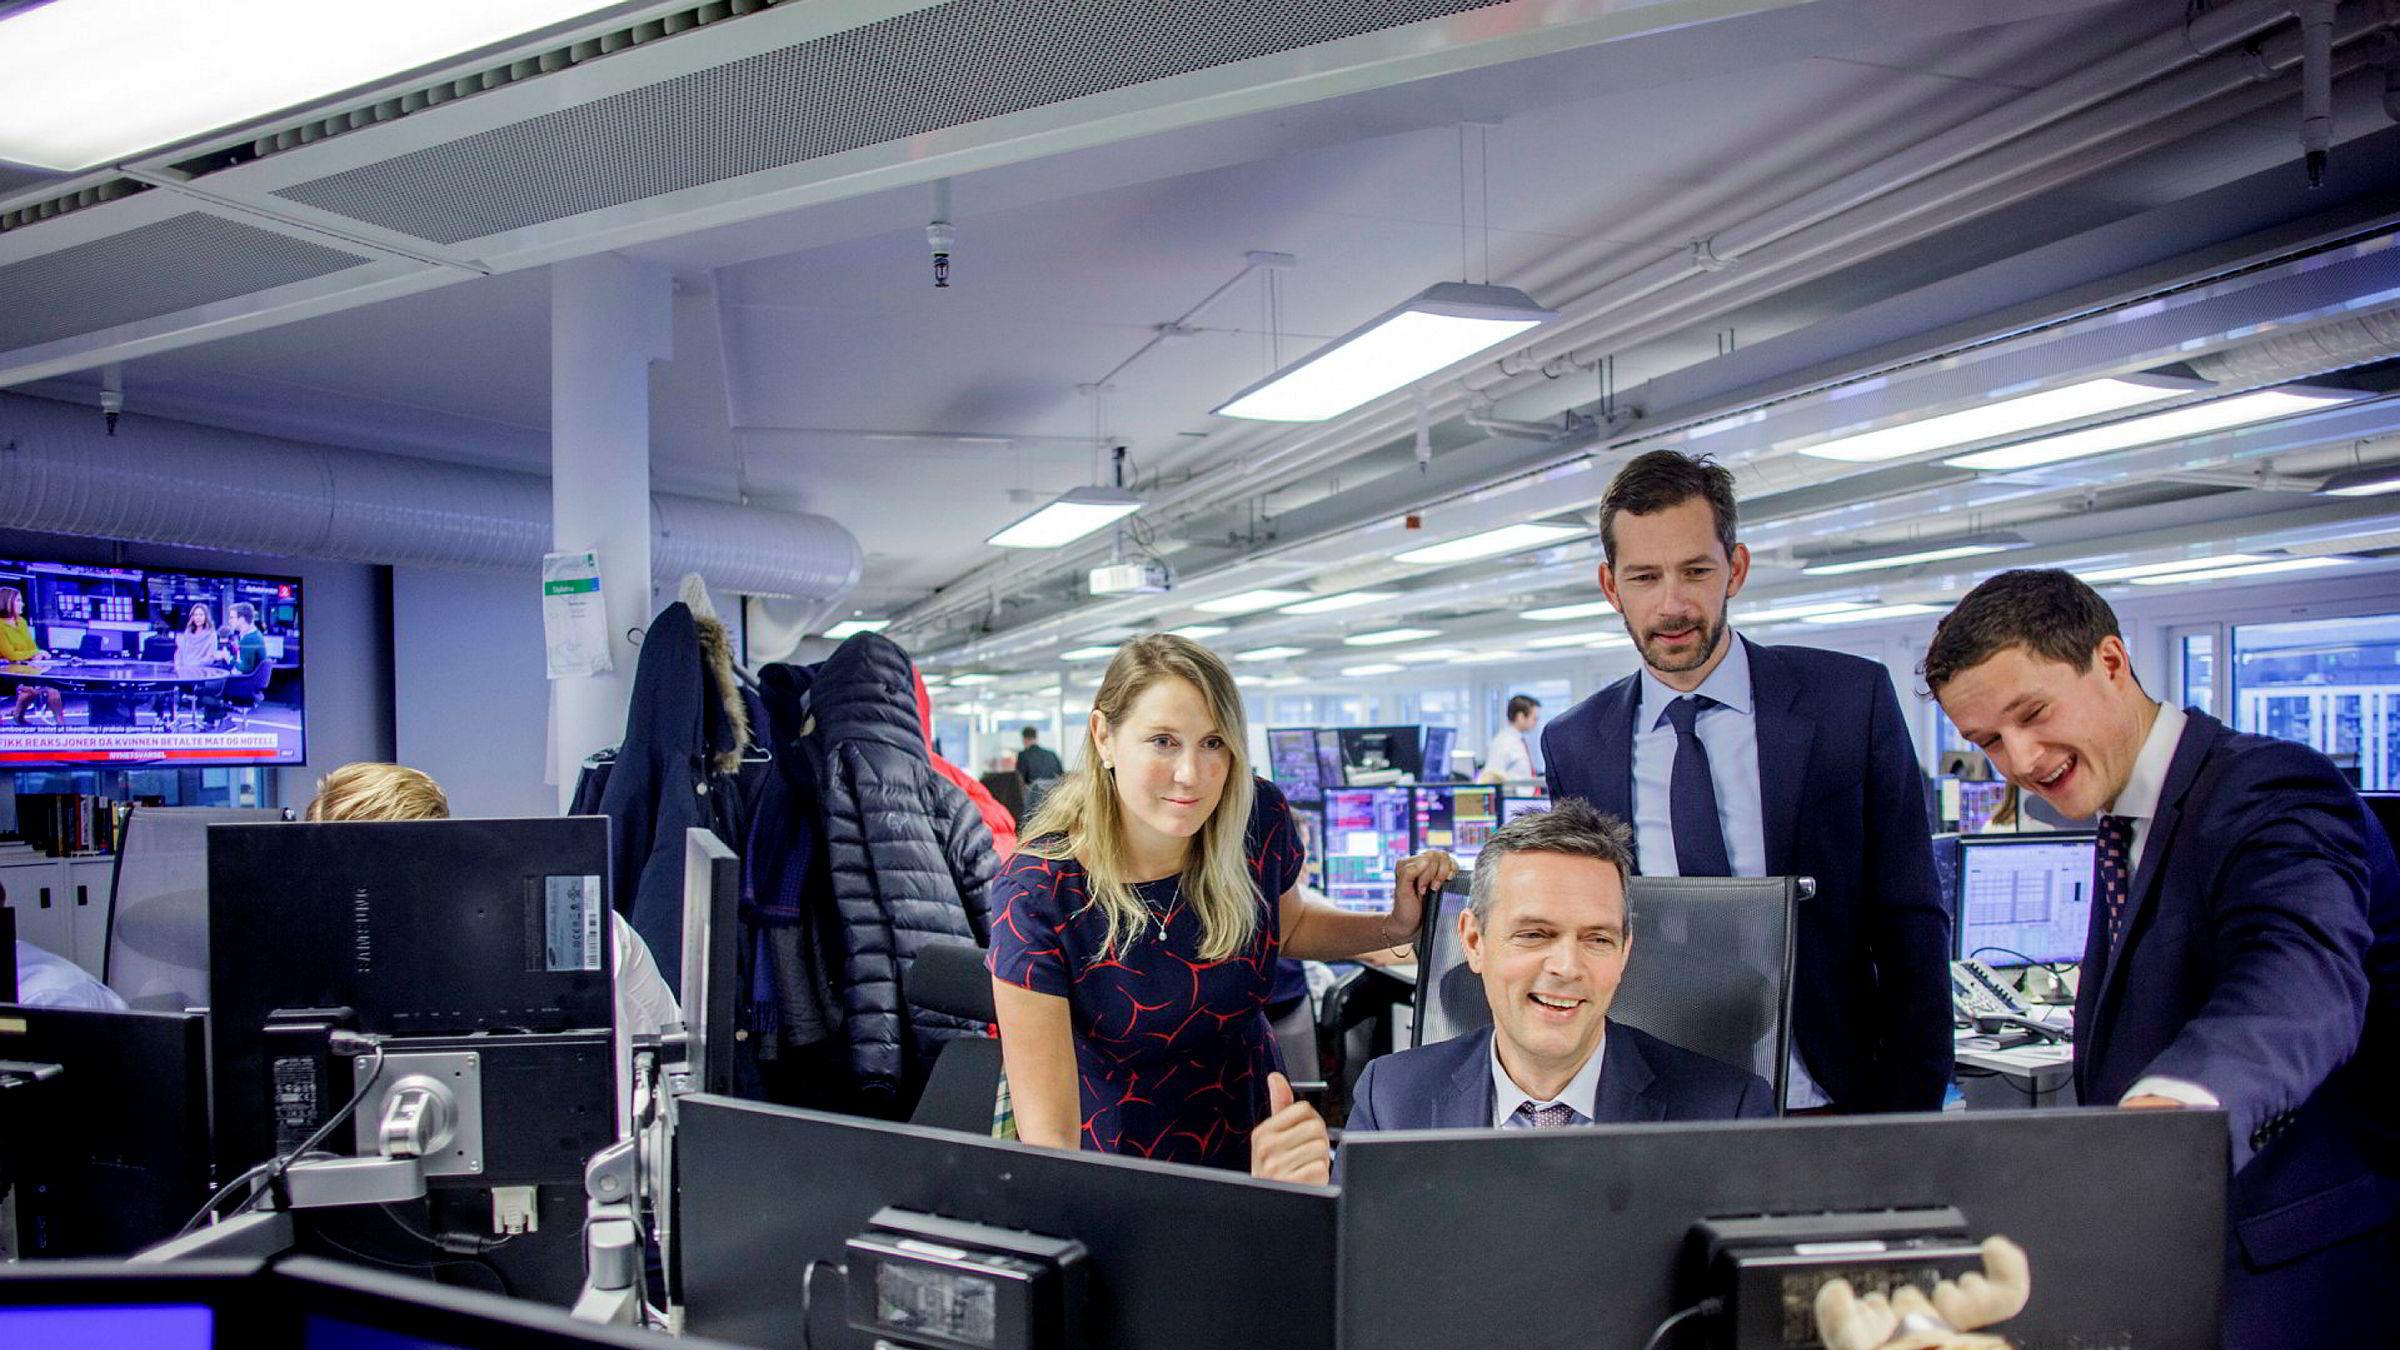 SEBs norske strategiteam, fra venstre; sjefstrateg Erica Blomgren, sjefstrateg for råvarer Bjarne Schieldrop, sjefanalytiker Thomas Eitzen og makroanalytiker Tobias Danielsen Øgrim. De mener kronen skal styrkes fra dagens nivåer.